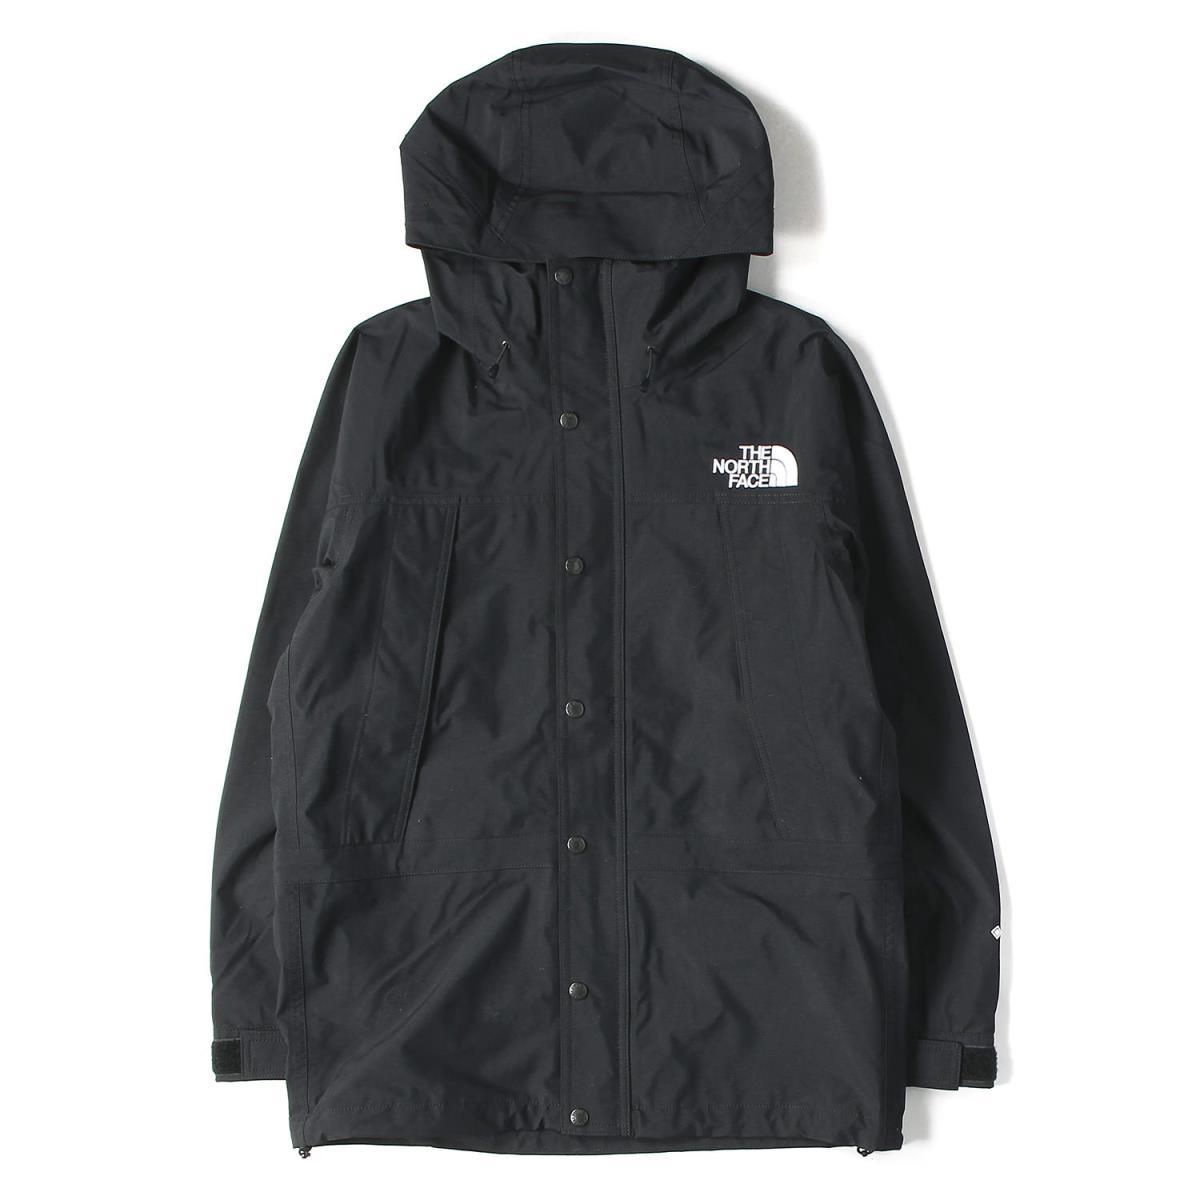 THE NORTH FACE ザ ノースフェイス ジャケット 19AW GORE-TEX マウンテンライトジャケット Mountain Light Jacket ブラック M 【メンズ】【美品】【中古】【K2565】